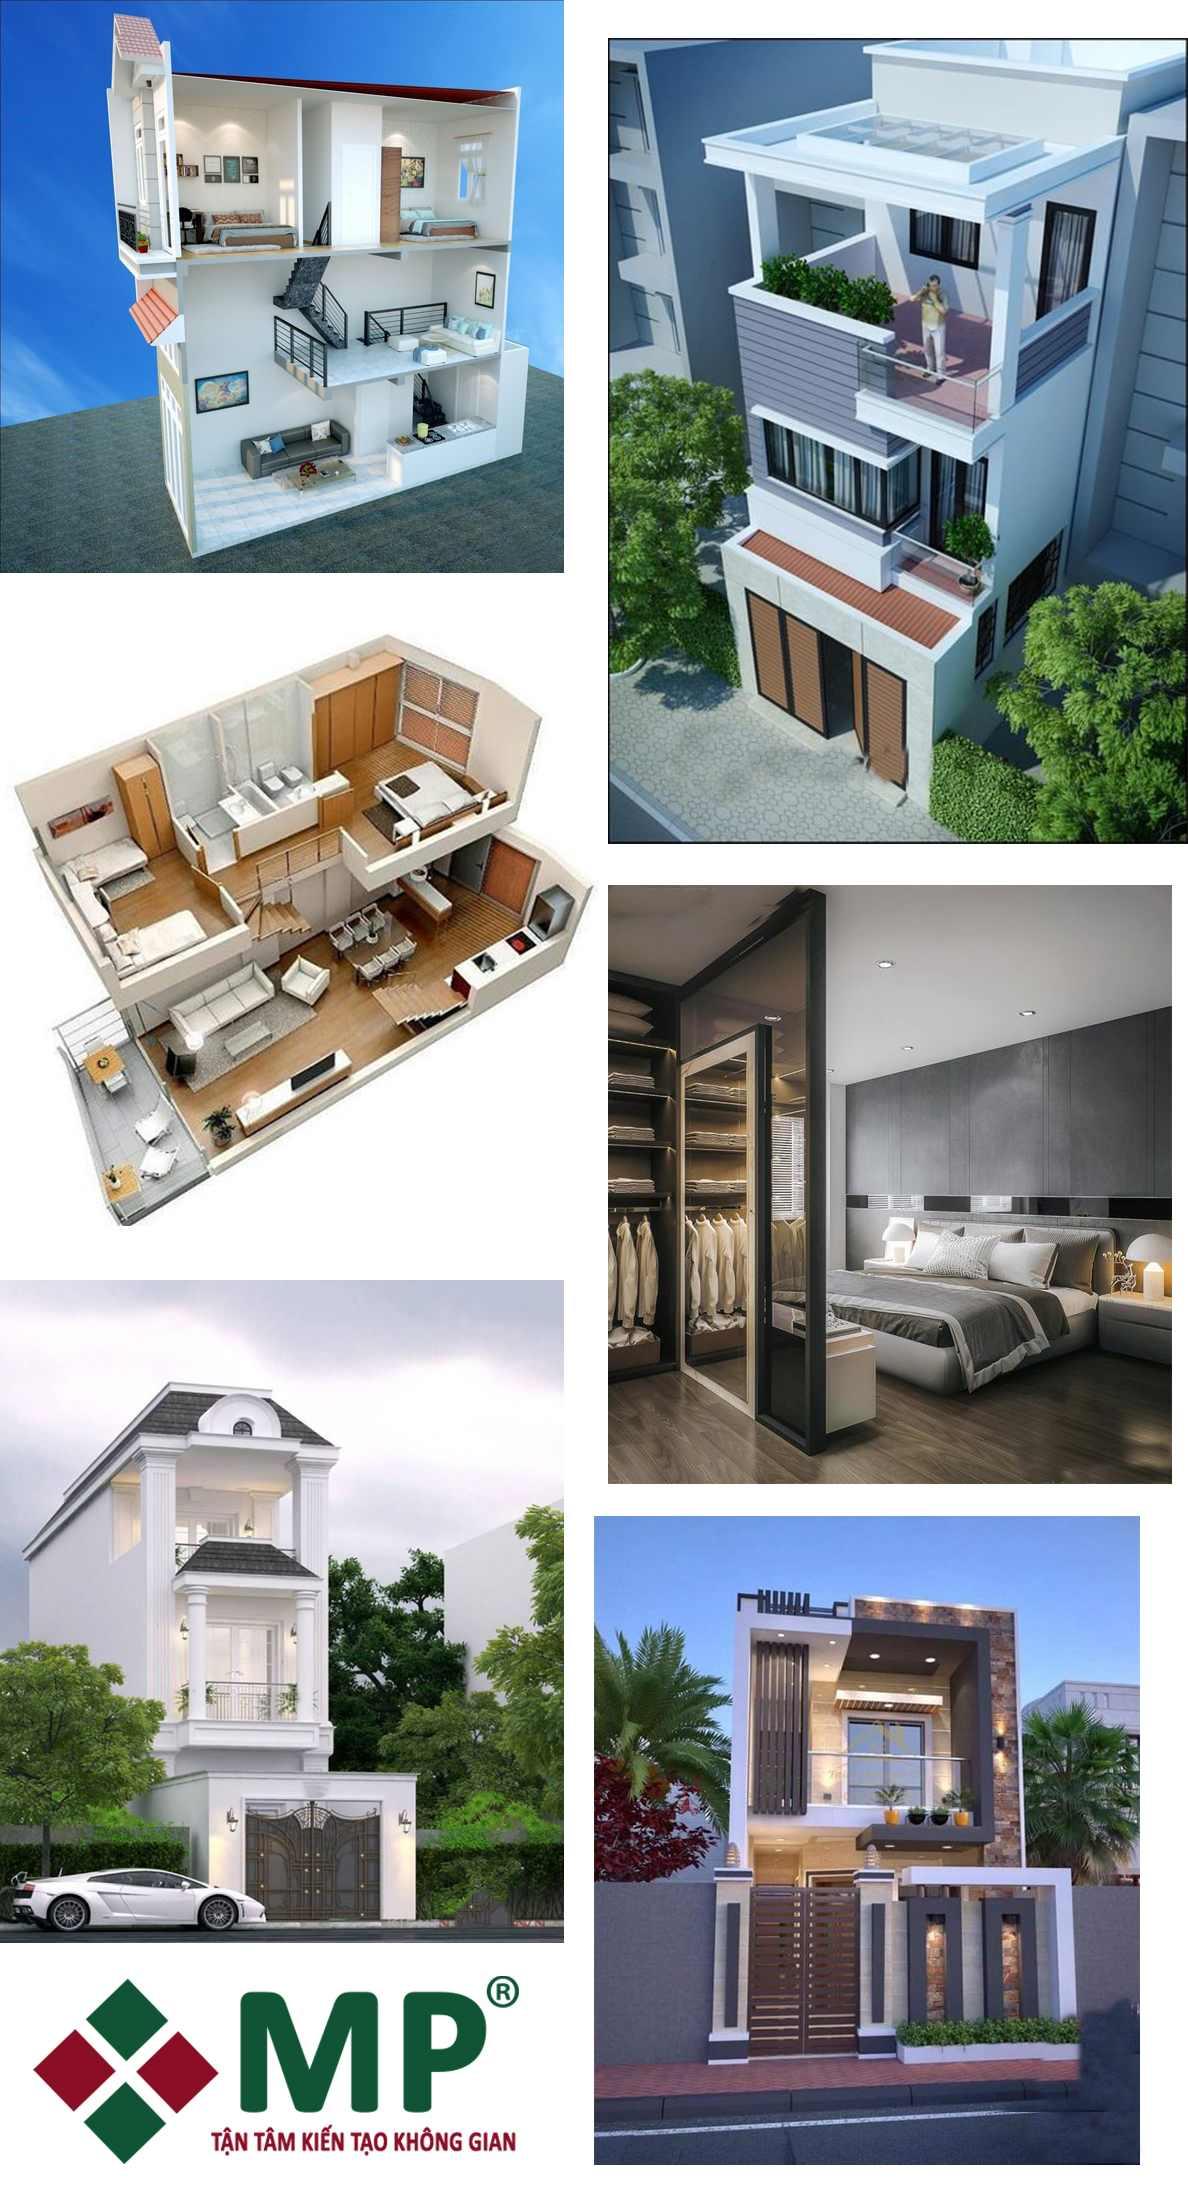 Công ty xây dựng nhà huyện Bình Chánh